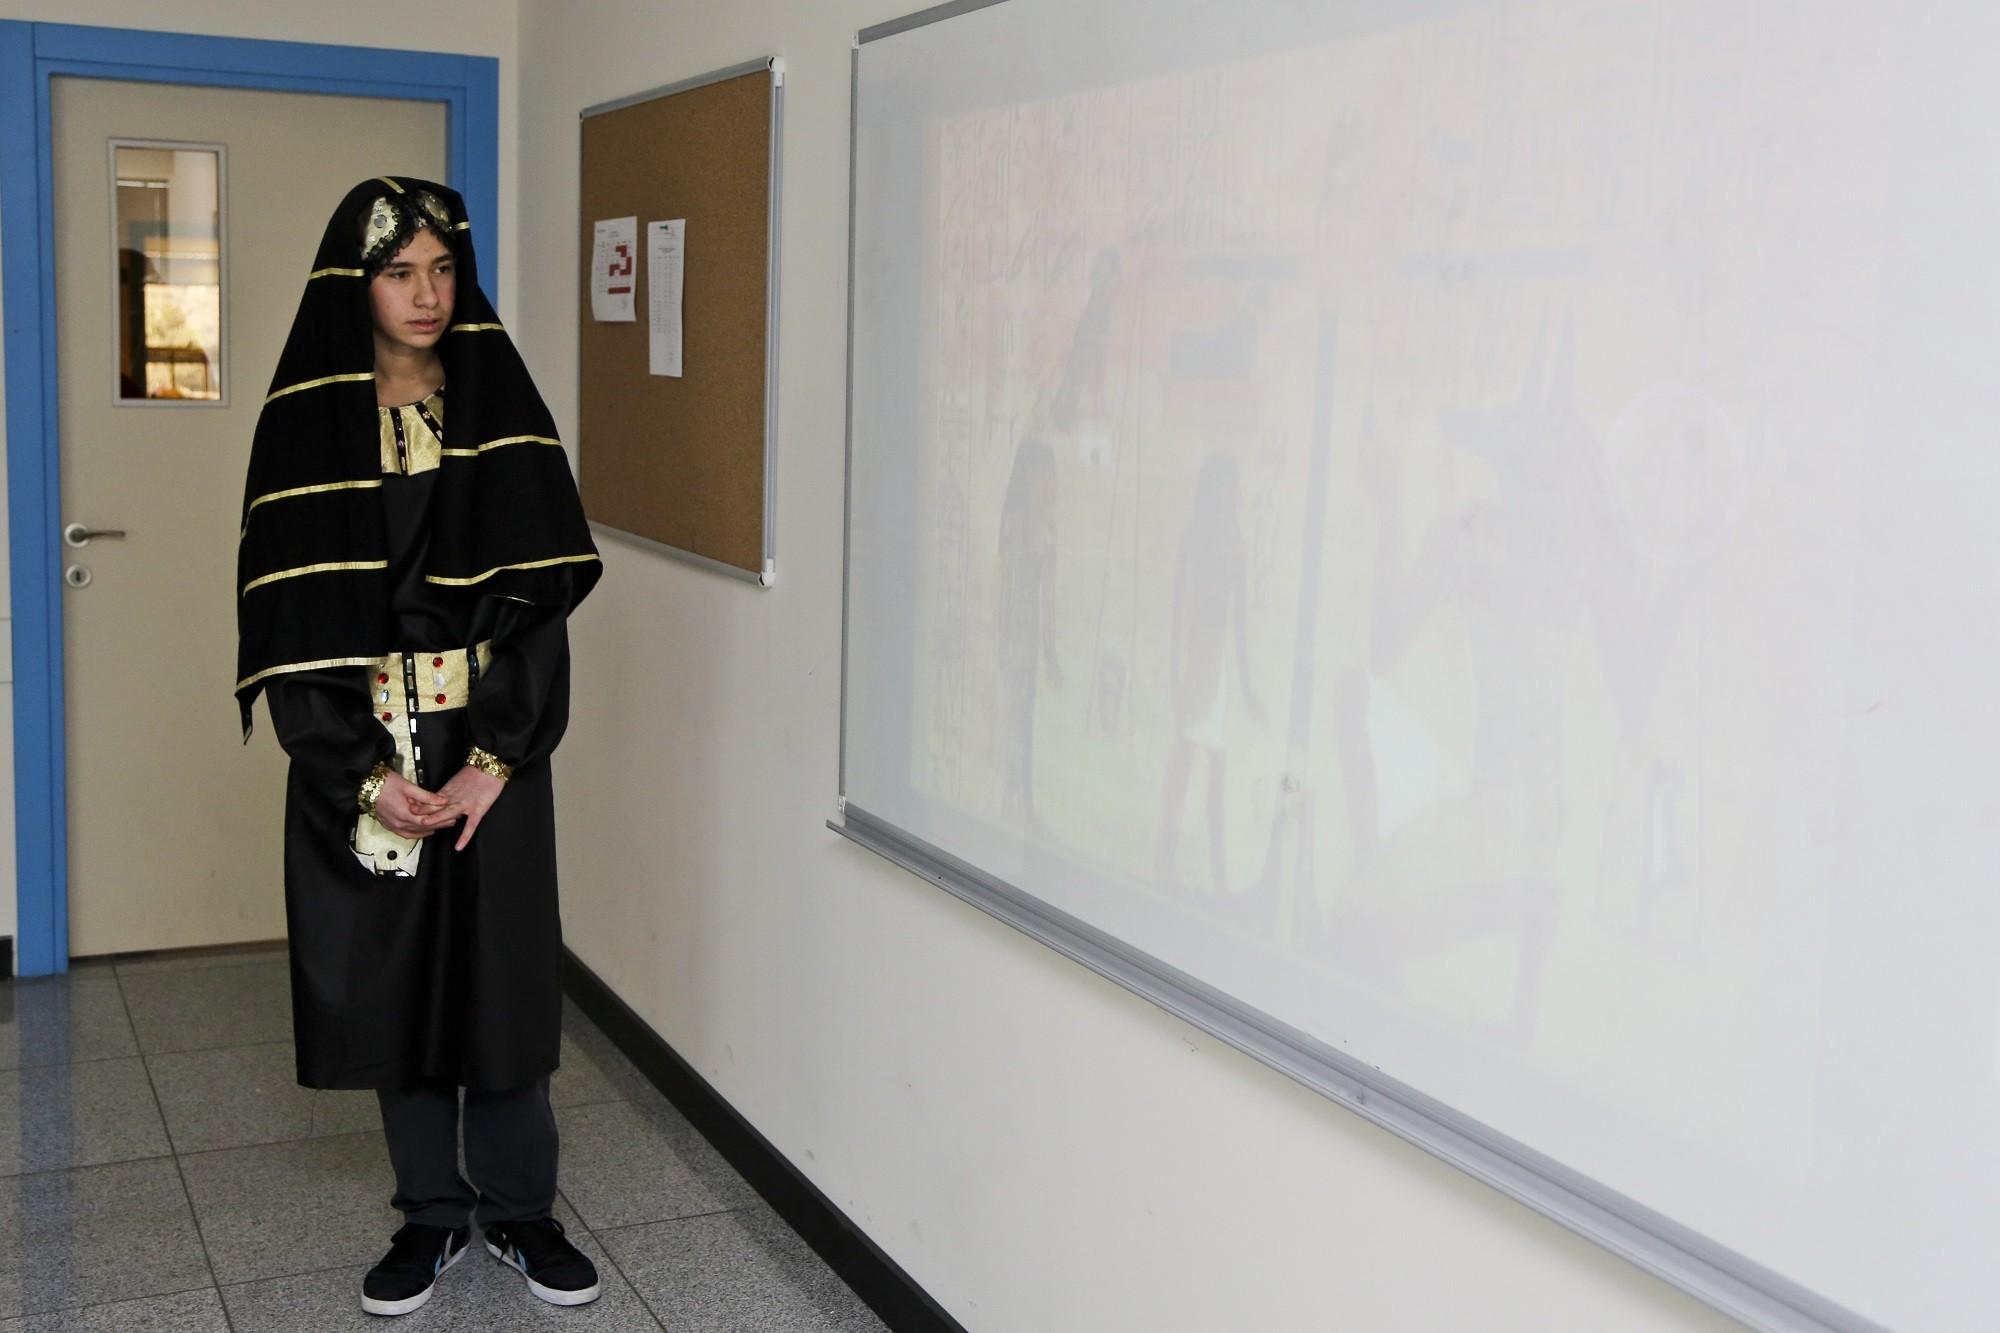 3renk koleji kostümlü tarih dersi anlatımı 24.02 (1)